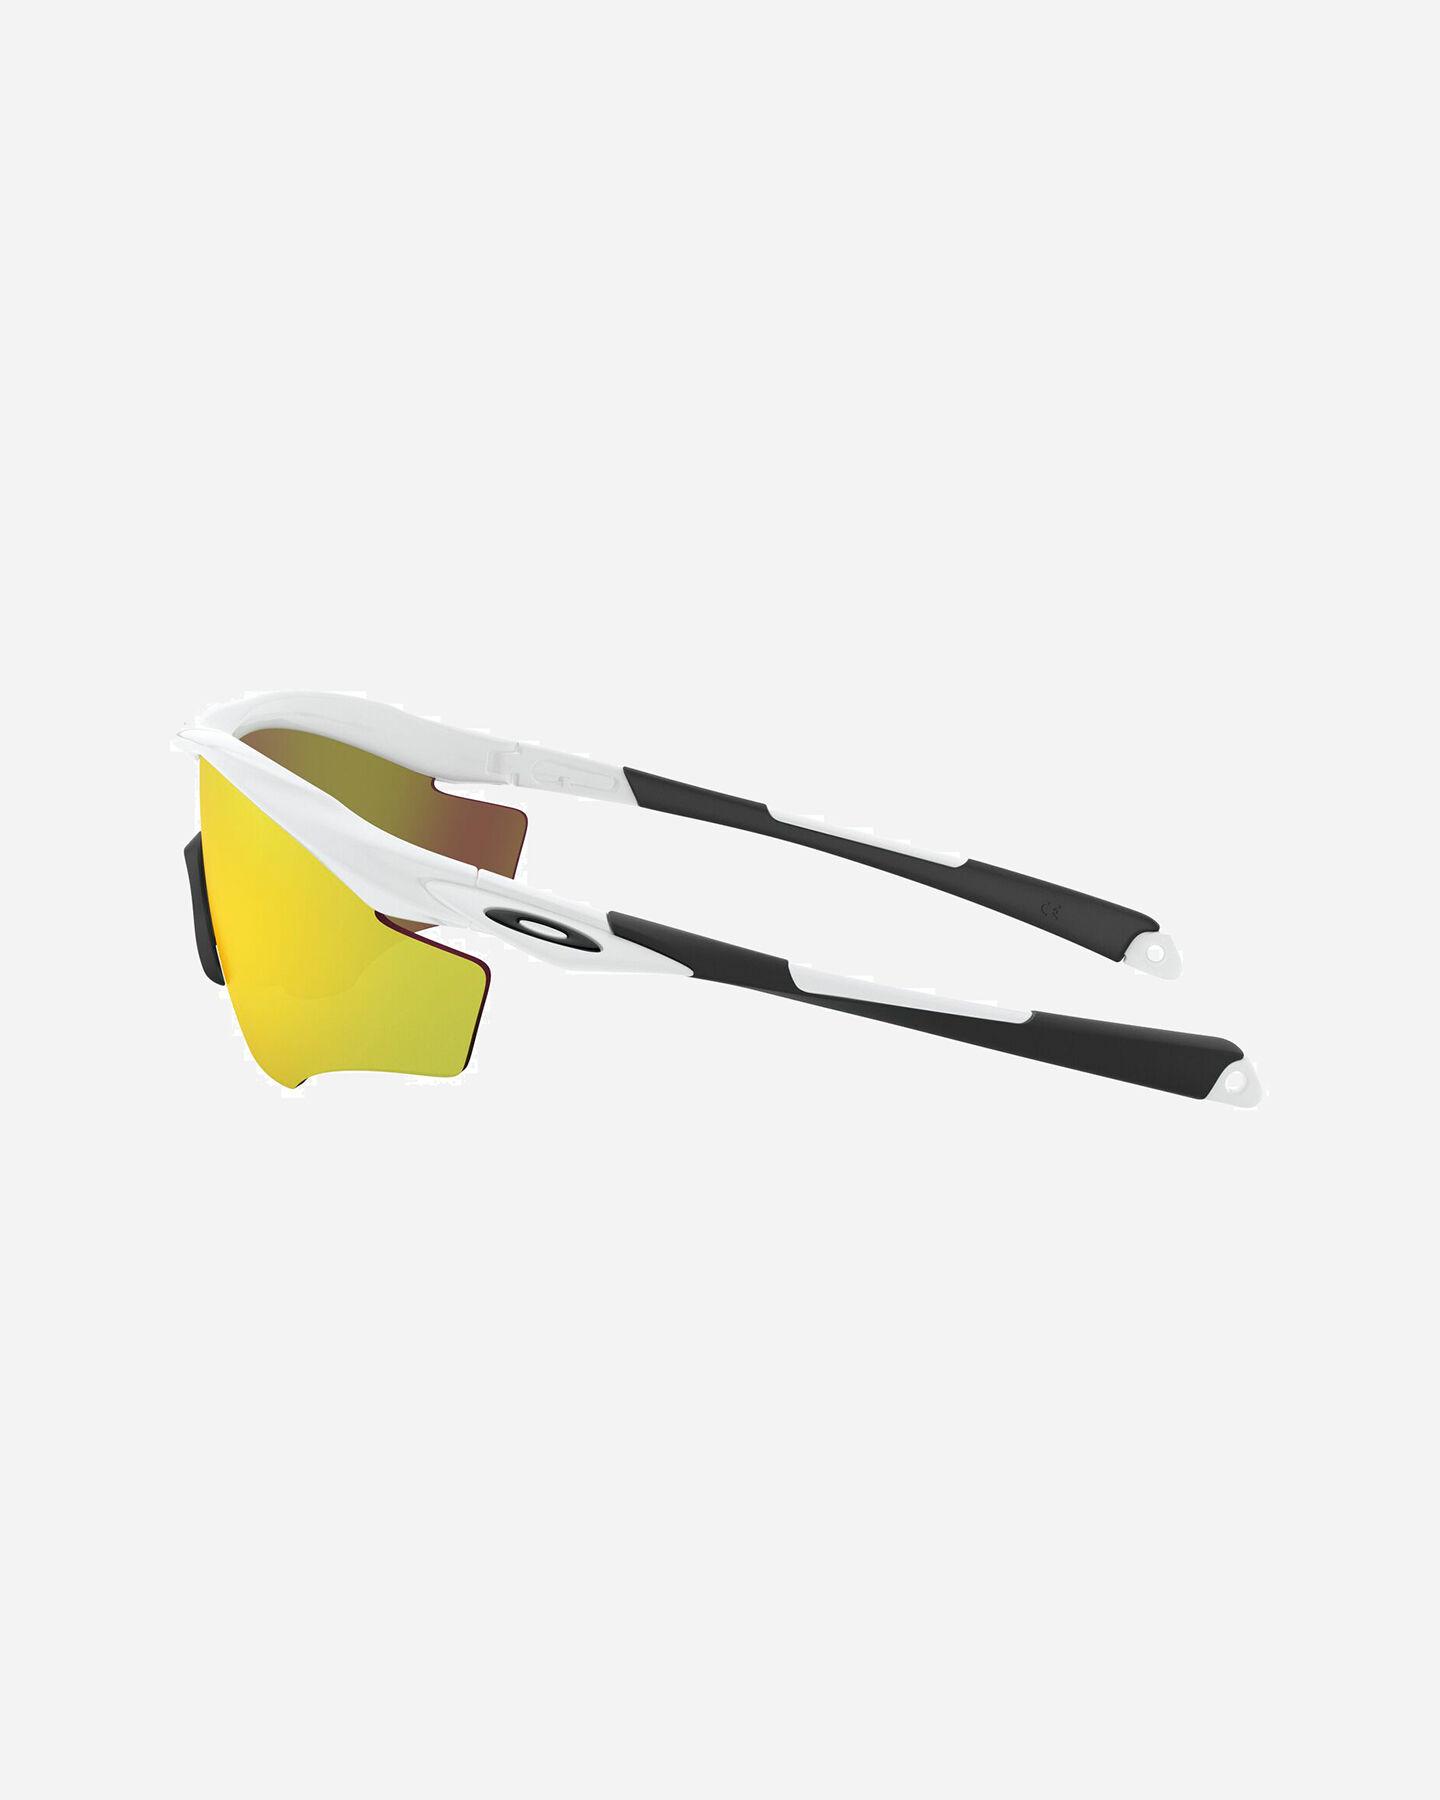 Occhiali OAKLEY M2 FRAME XL S1313248 9999 UNI scatto 5